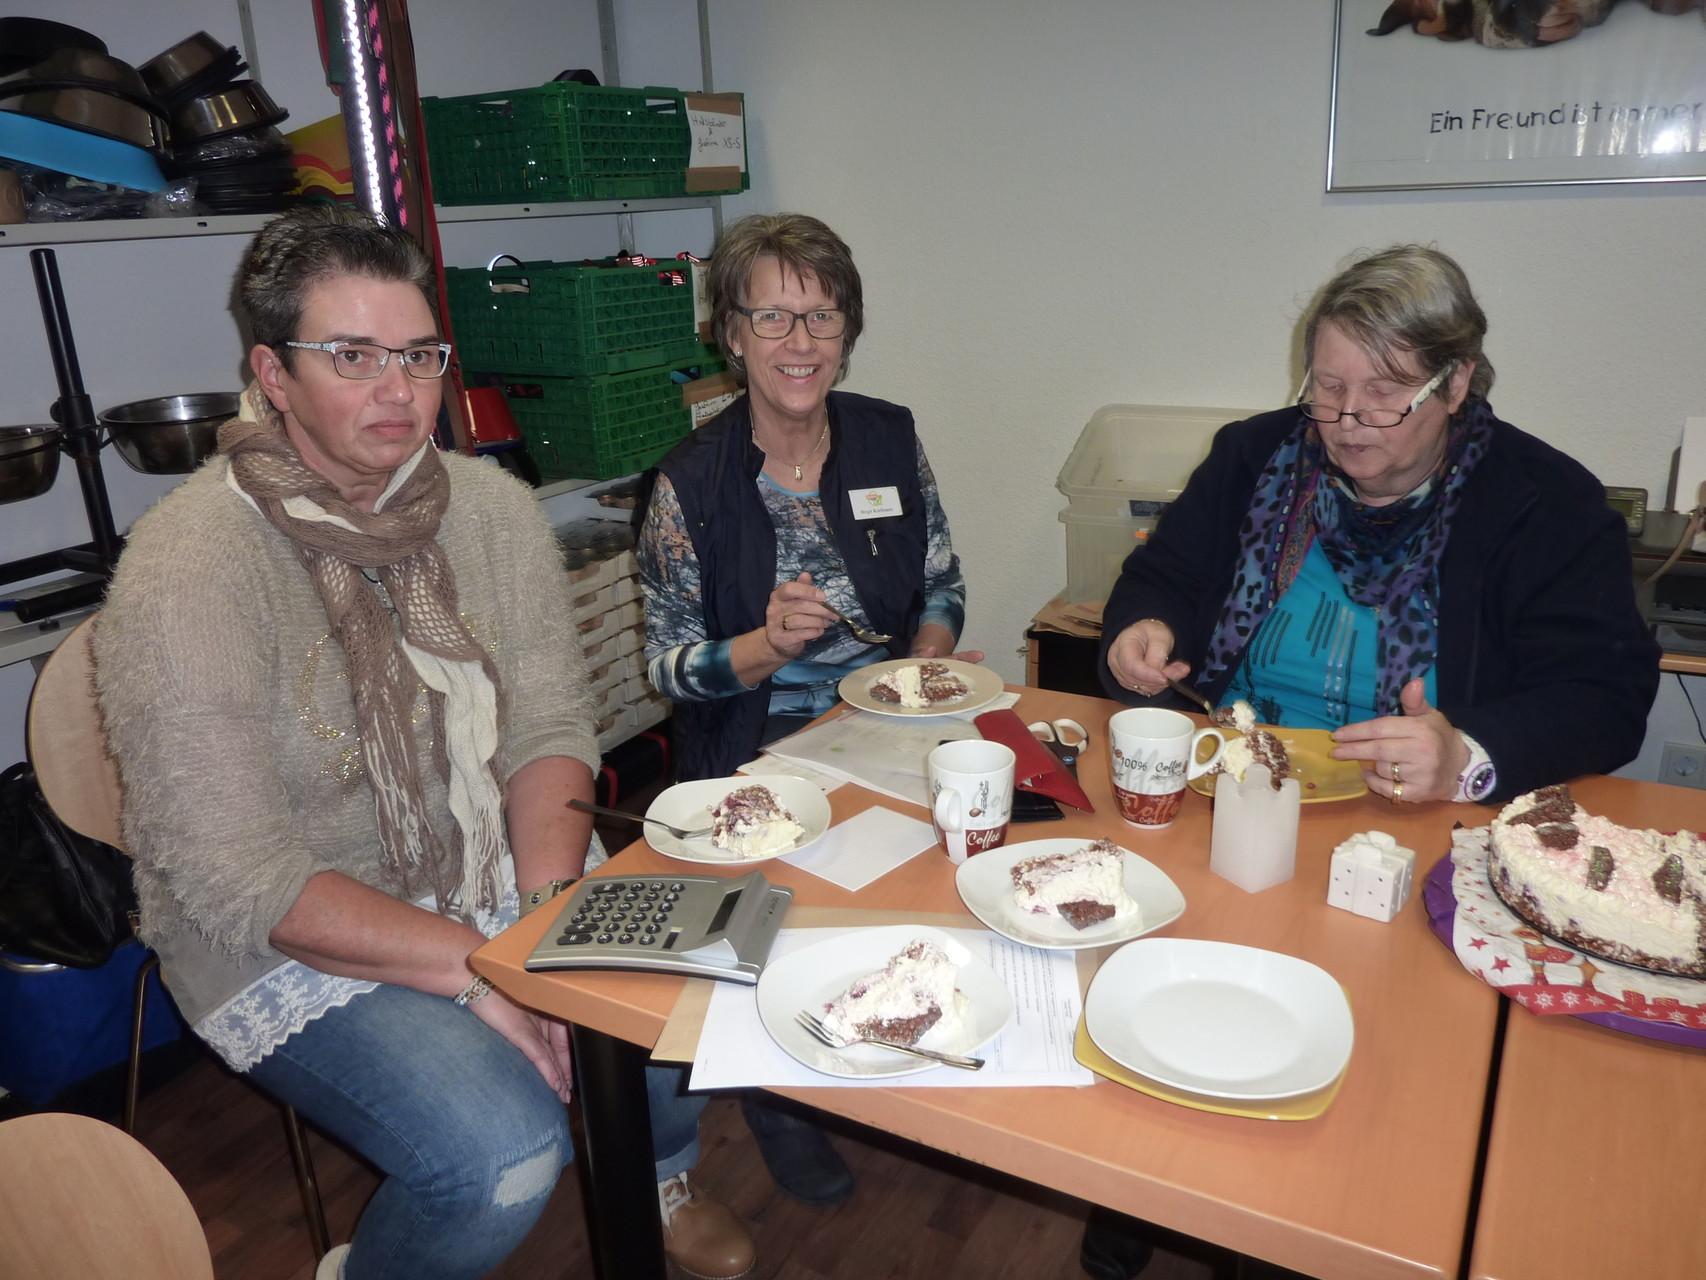 Hilde, Birgit und Helga schmeckt es